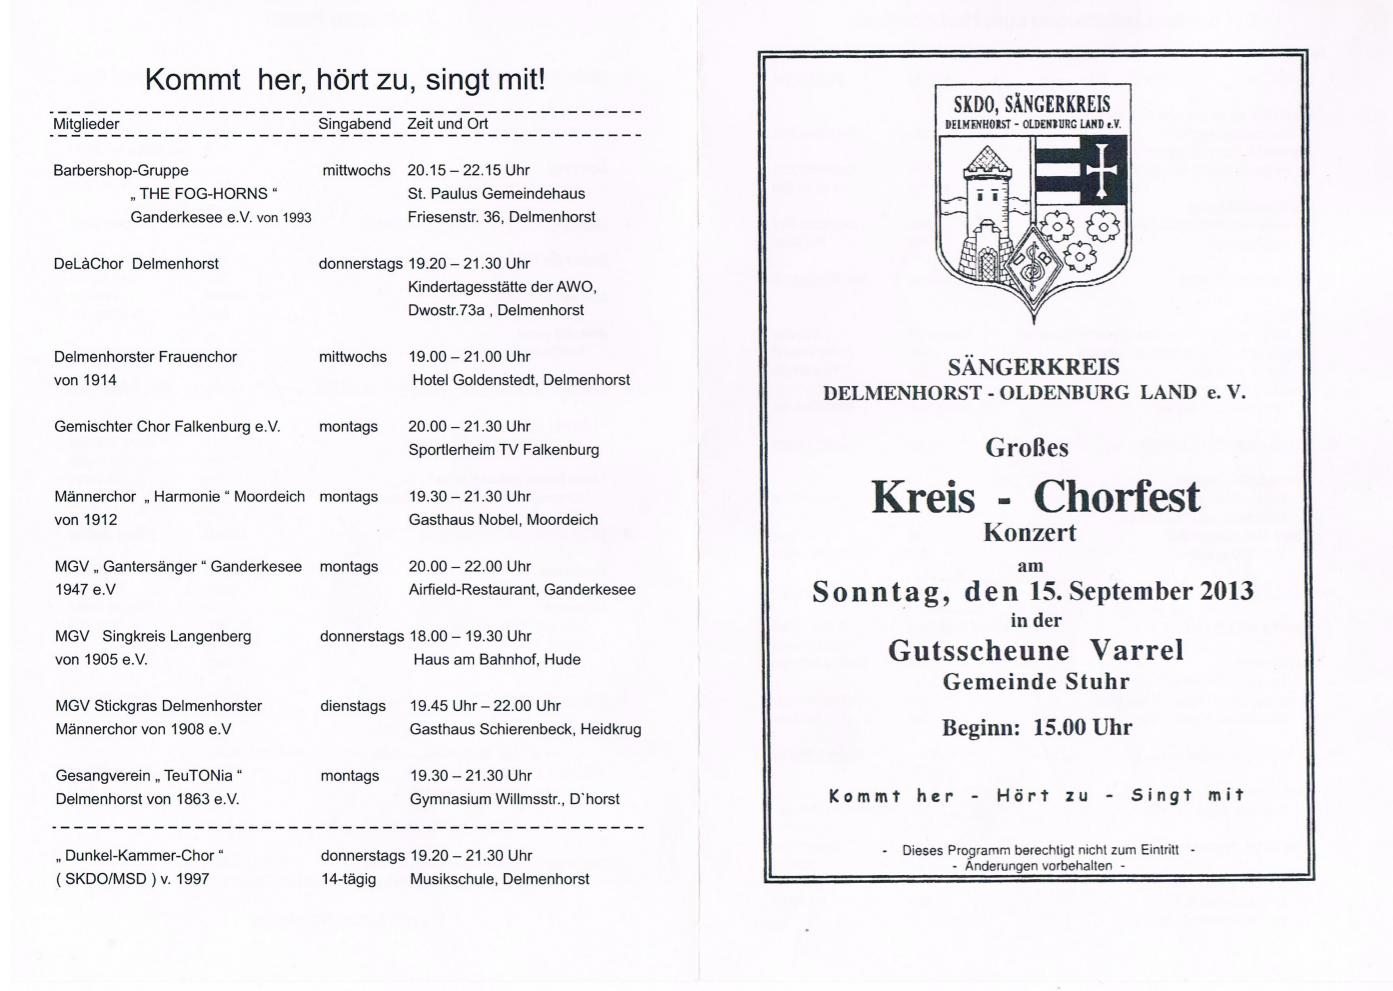 teutonia mit helmfried röder, begründer des gemischten chors und, Einladung